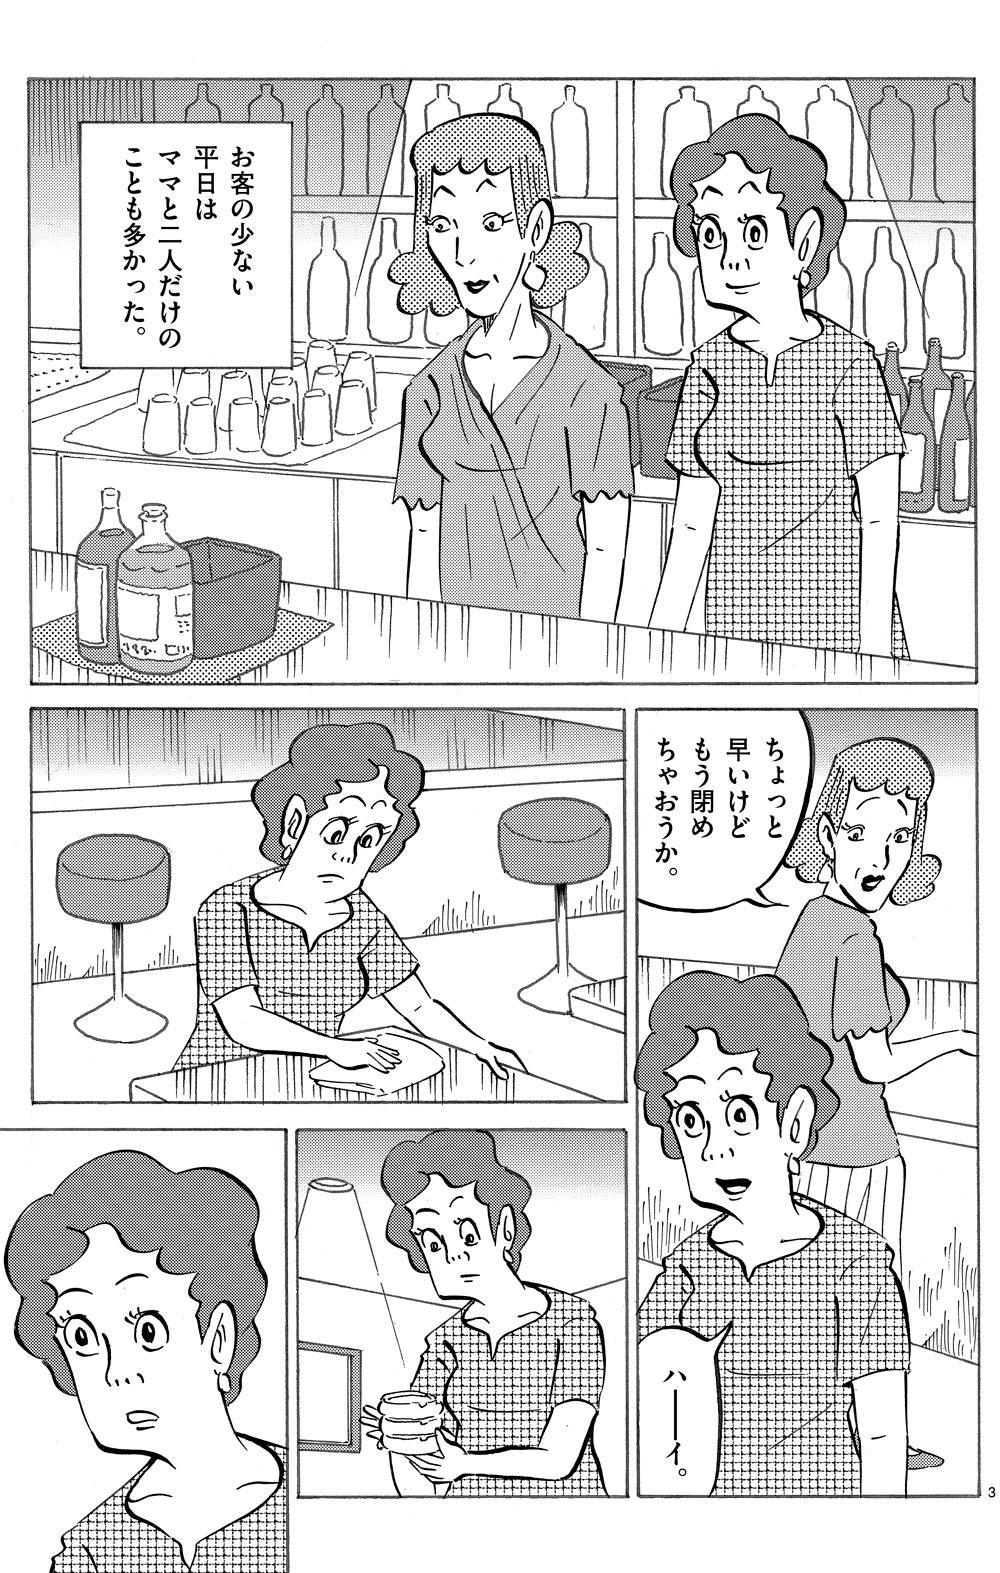 琉球怪談 【第4話】WEB掲載3ページ目画像